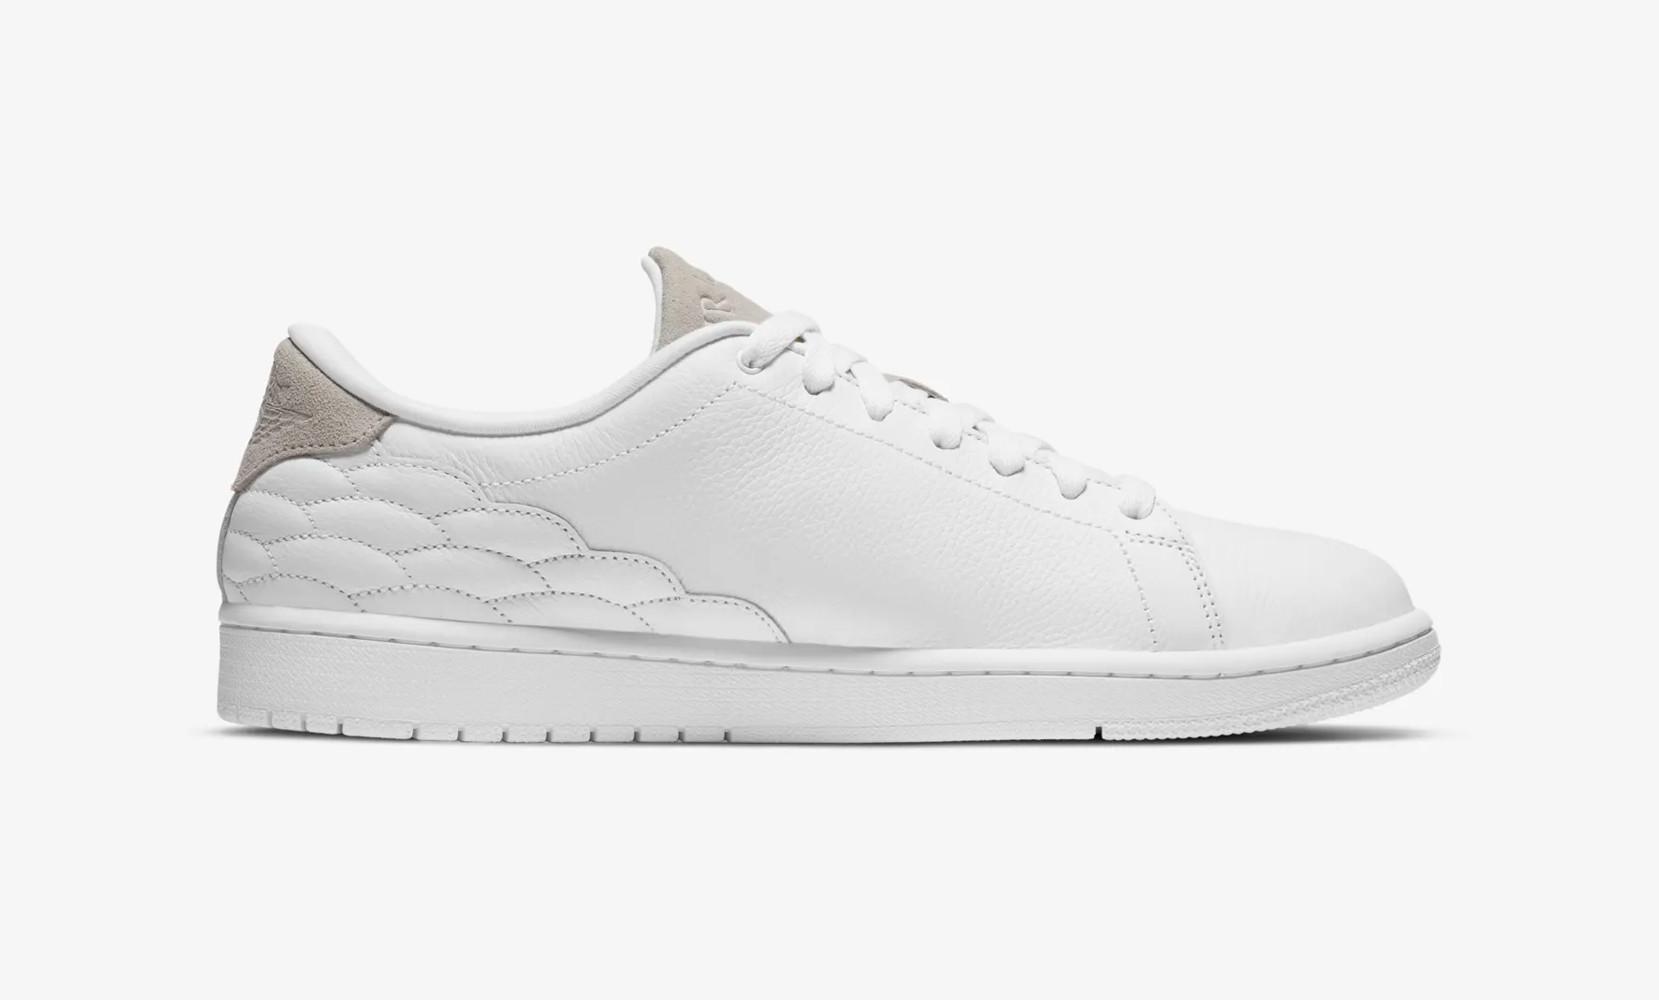 Air Jordan 1 Centre Court White on White